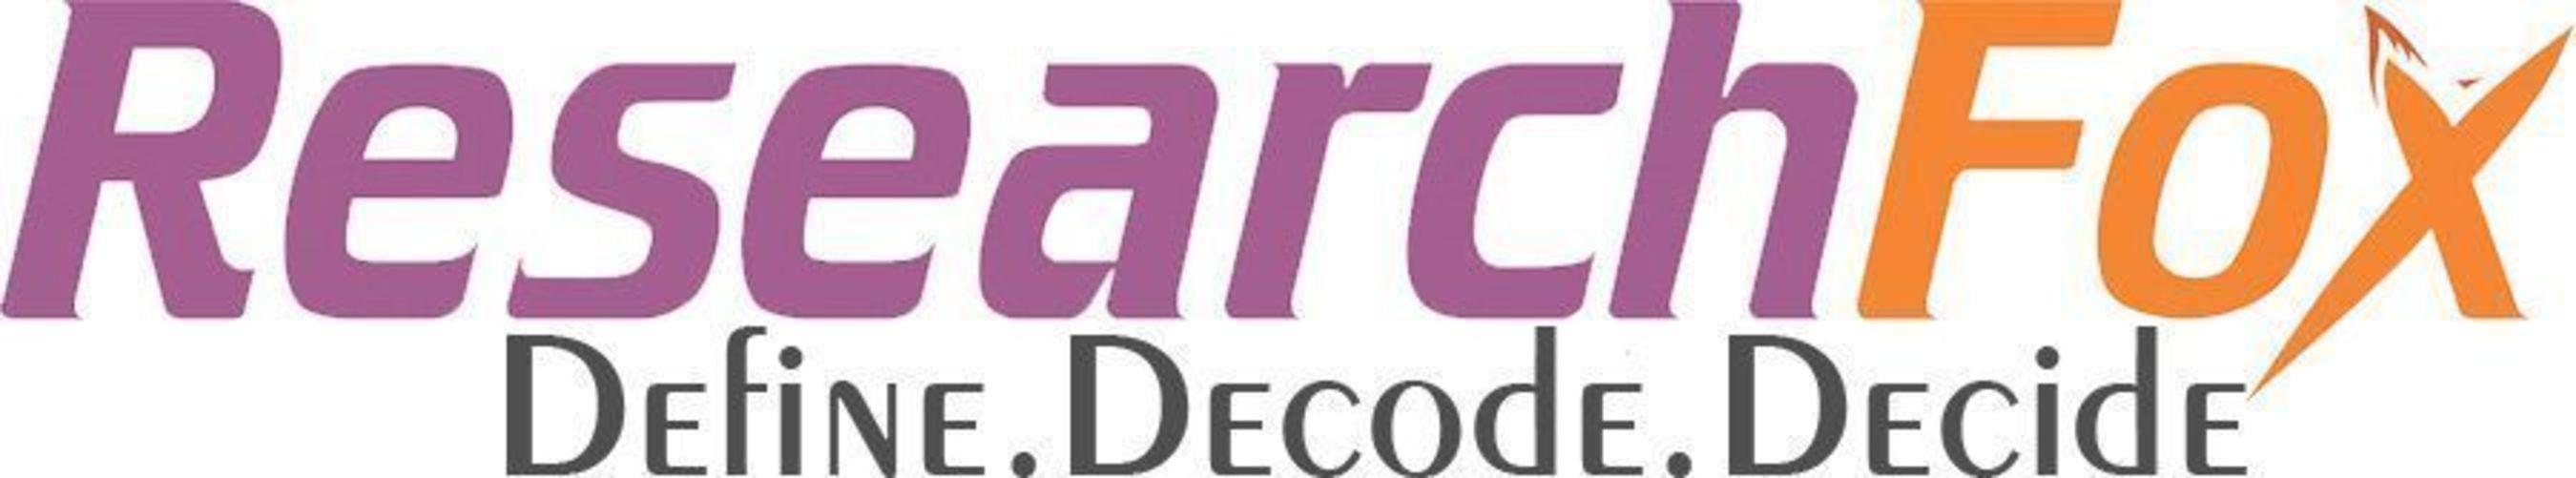 PR NEWSWIRE INDIA: ResearchFox Consulting (P) Ltd. logo (PRNewsFoto/ResearchFox Consulting)